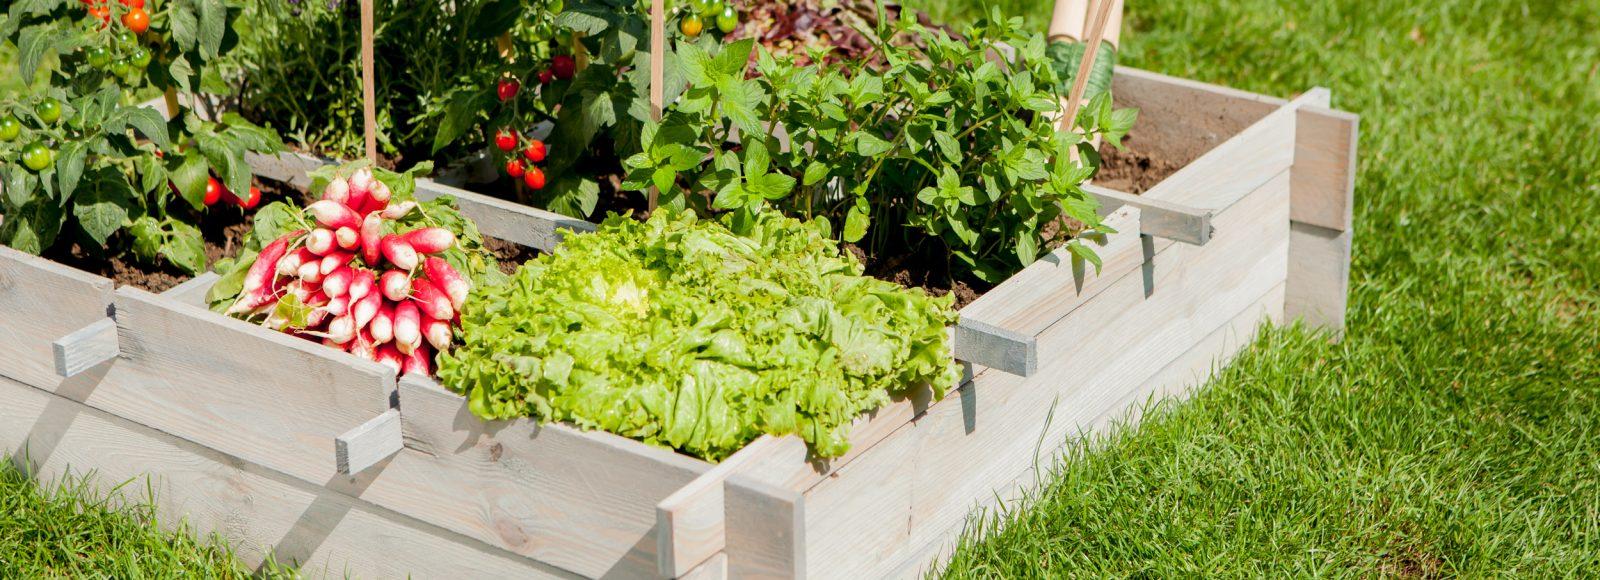 que semer et r colter dans votre potager en ao t au comptoir du jardinier. Black Bedroom Furniture Sets. Home Design Ideas